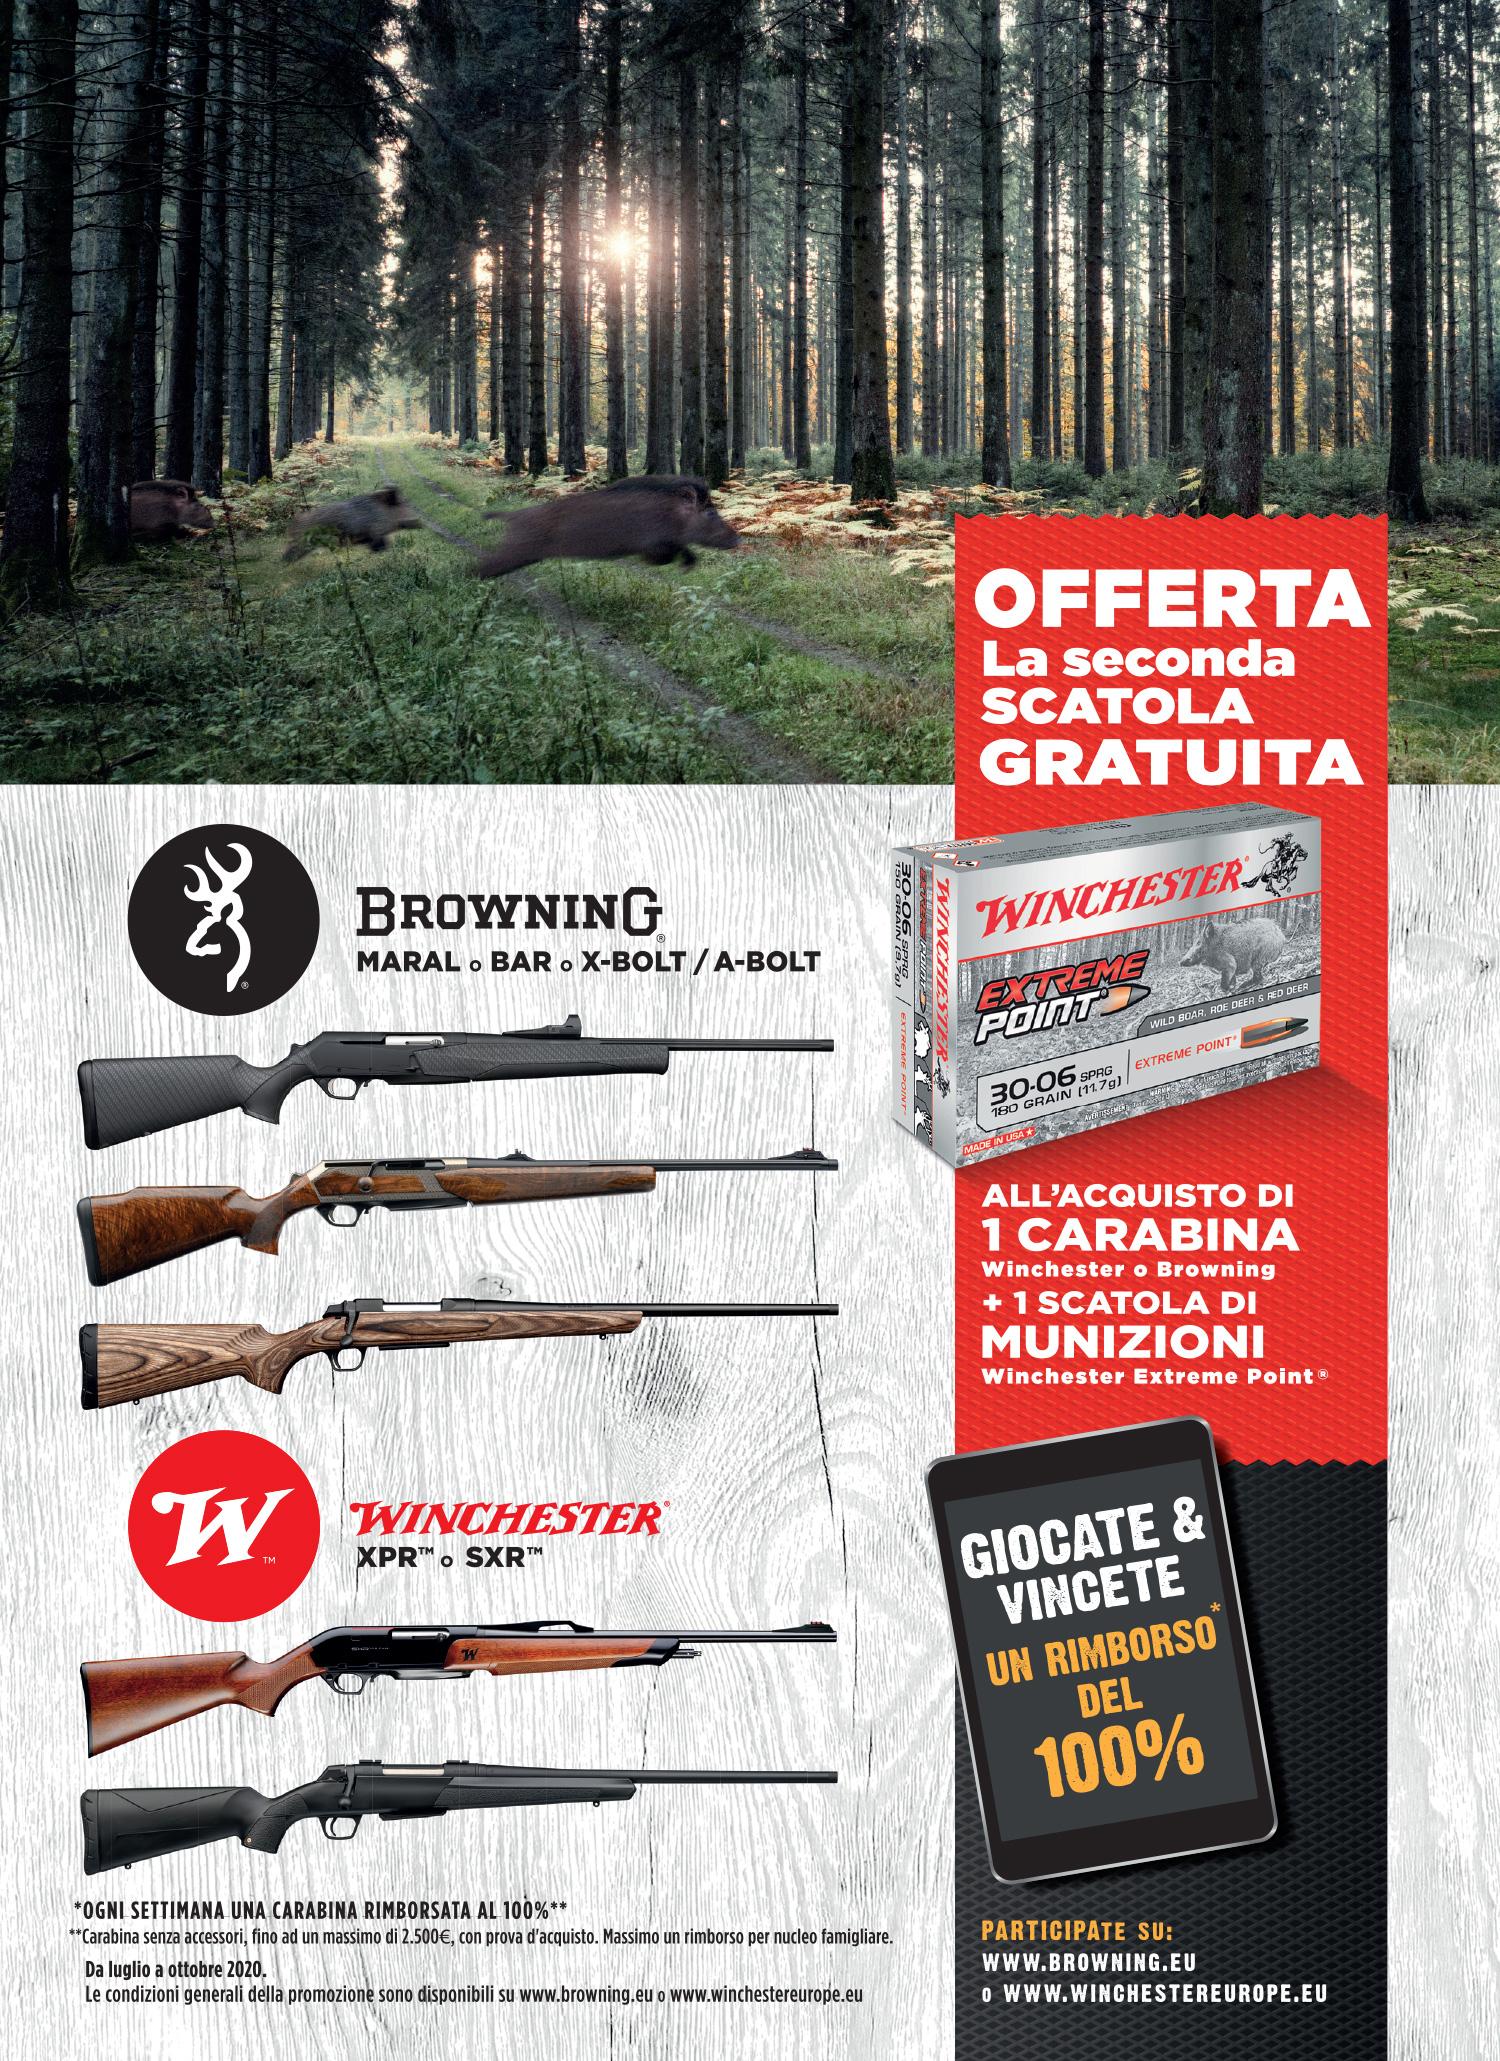 Promozione : offerta la seconda scatola di munizioni gratuita